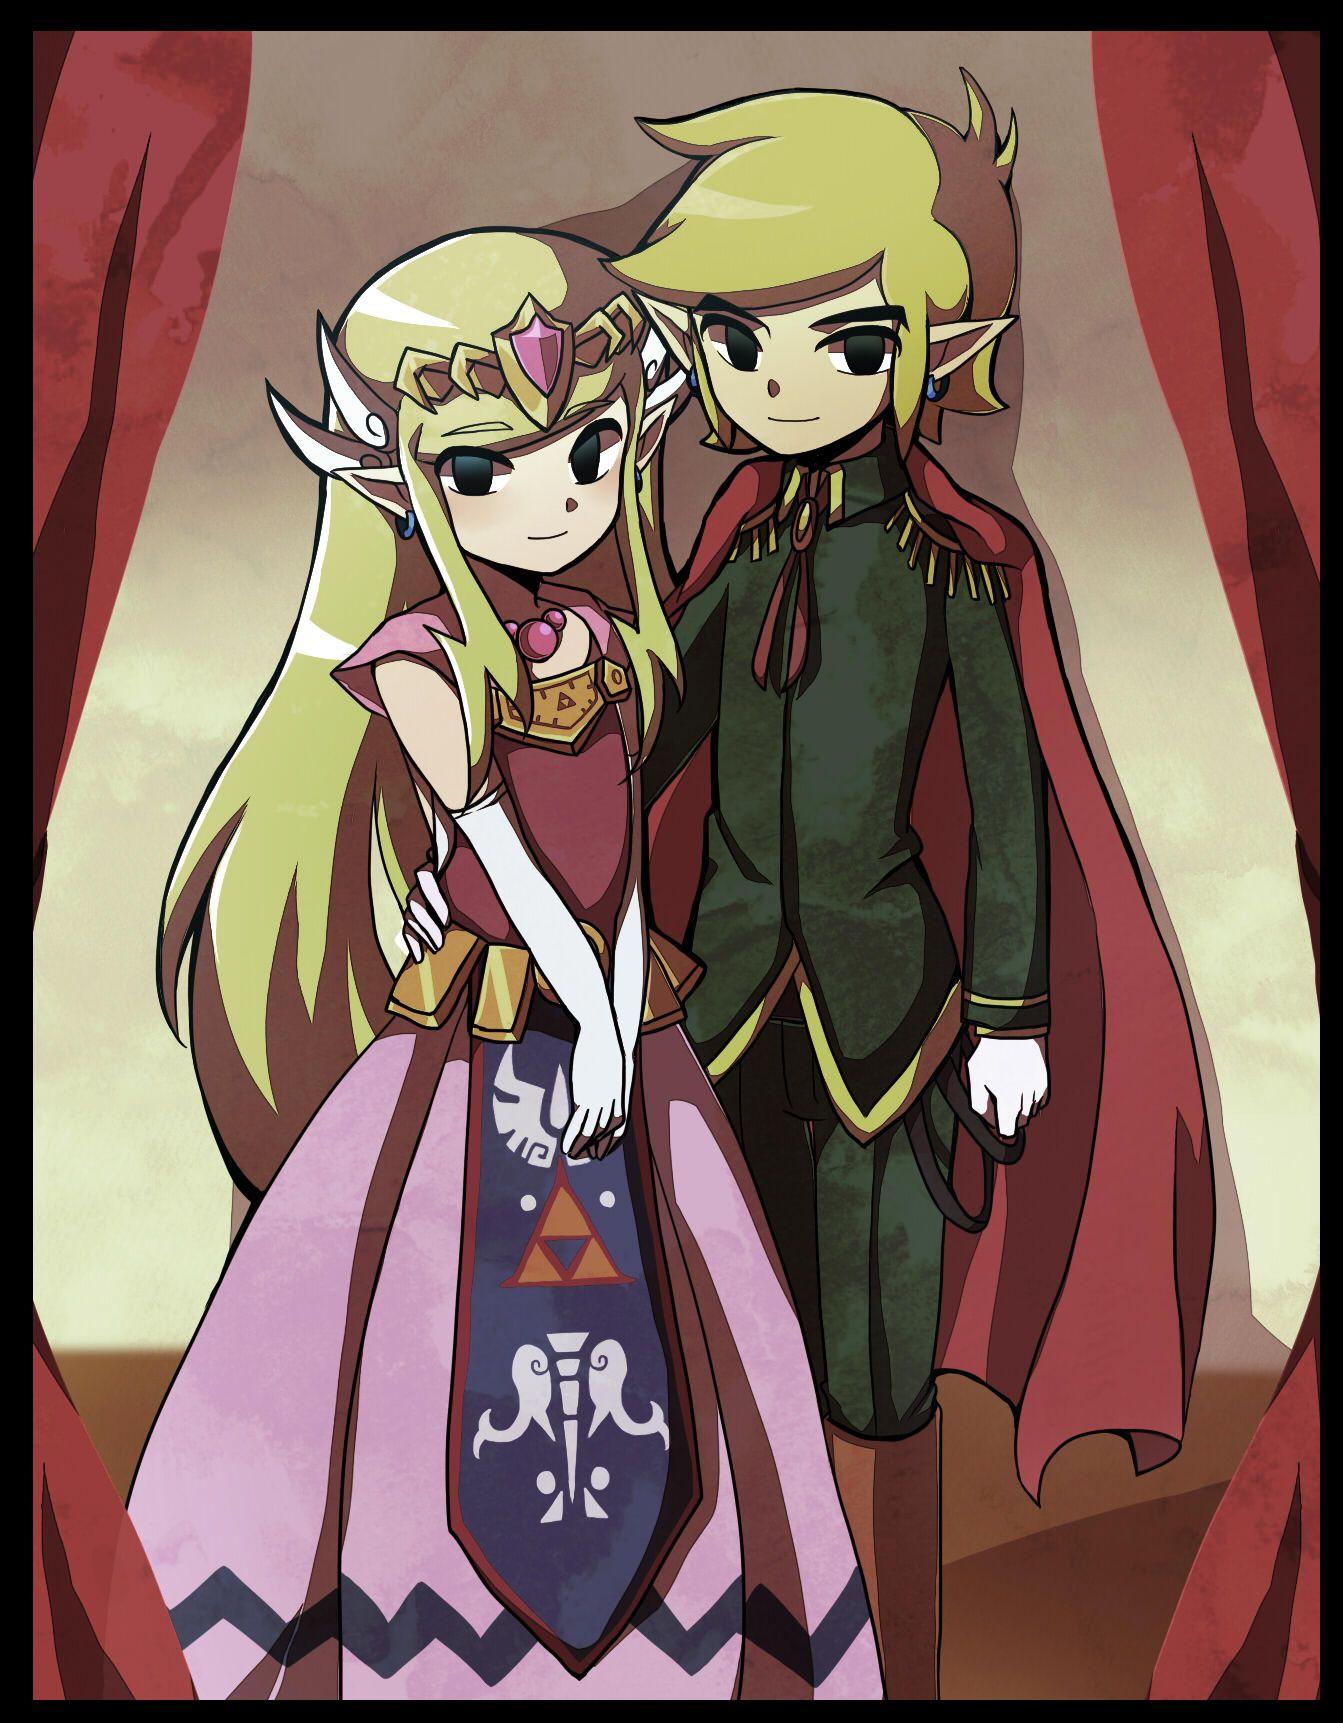 Link and zelda hook up